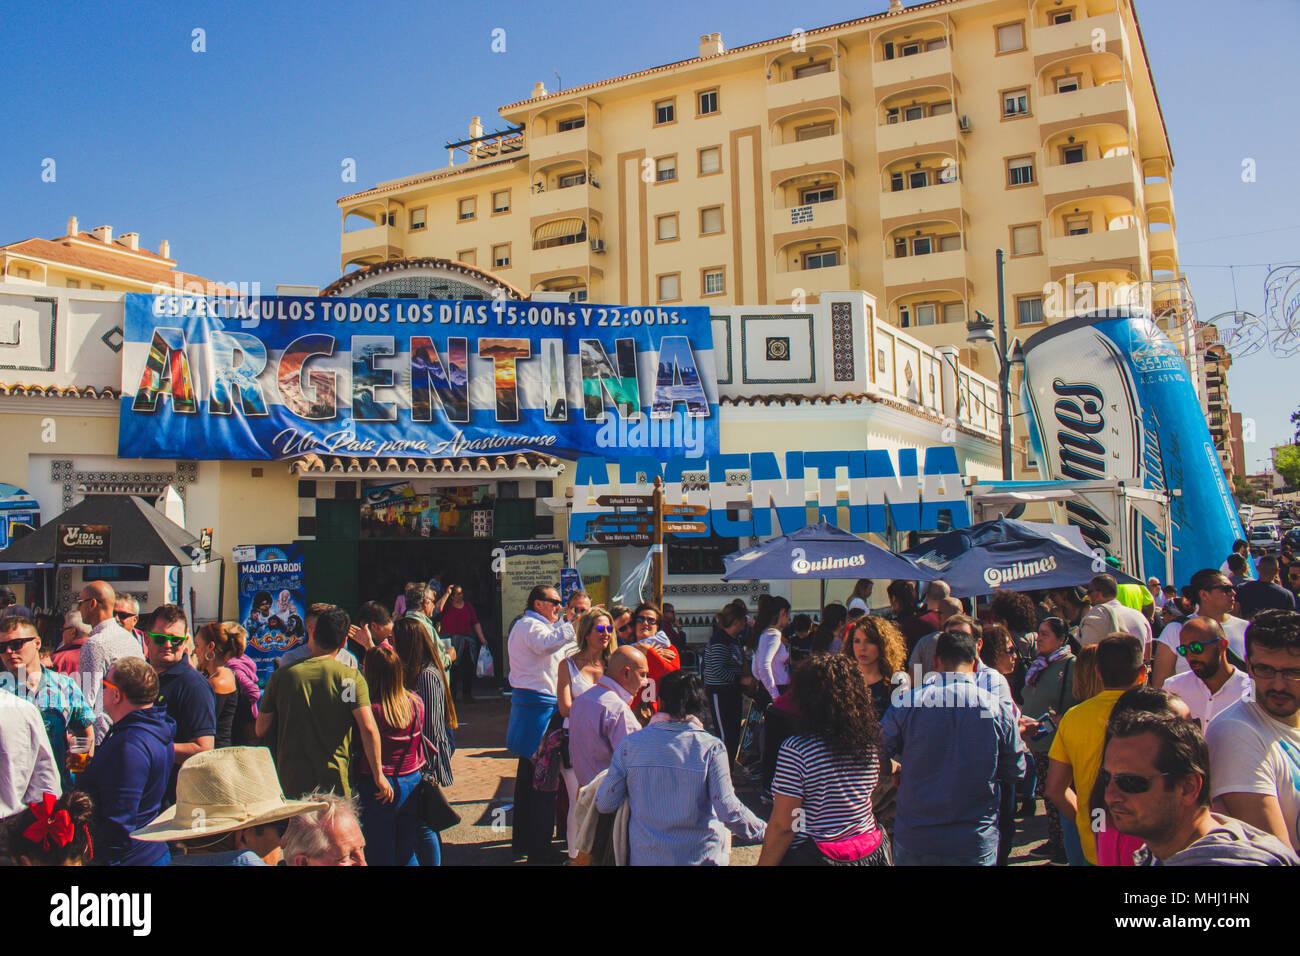 Feria De Los Pueblos or Around the World in 5 Days 40